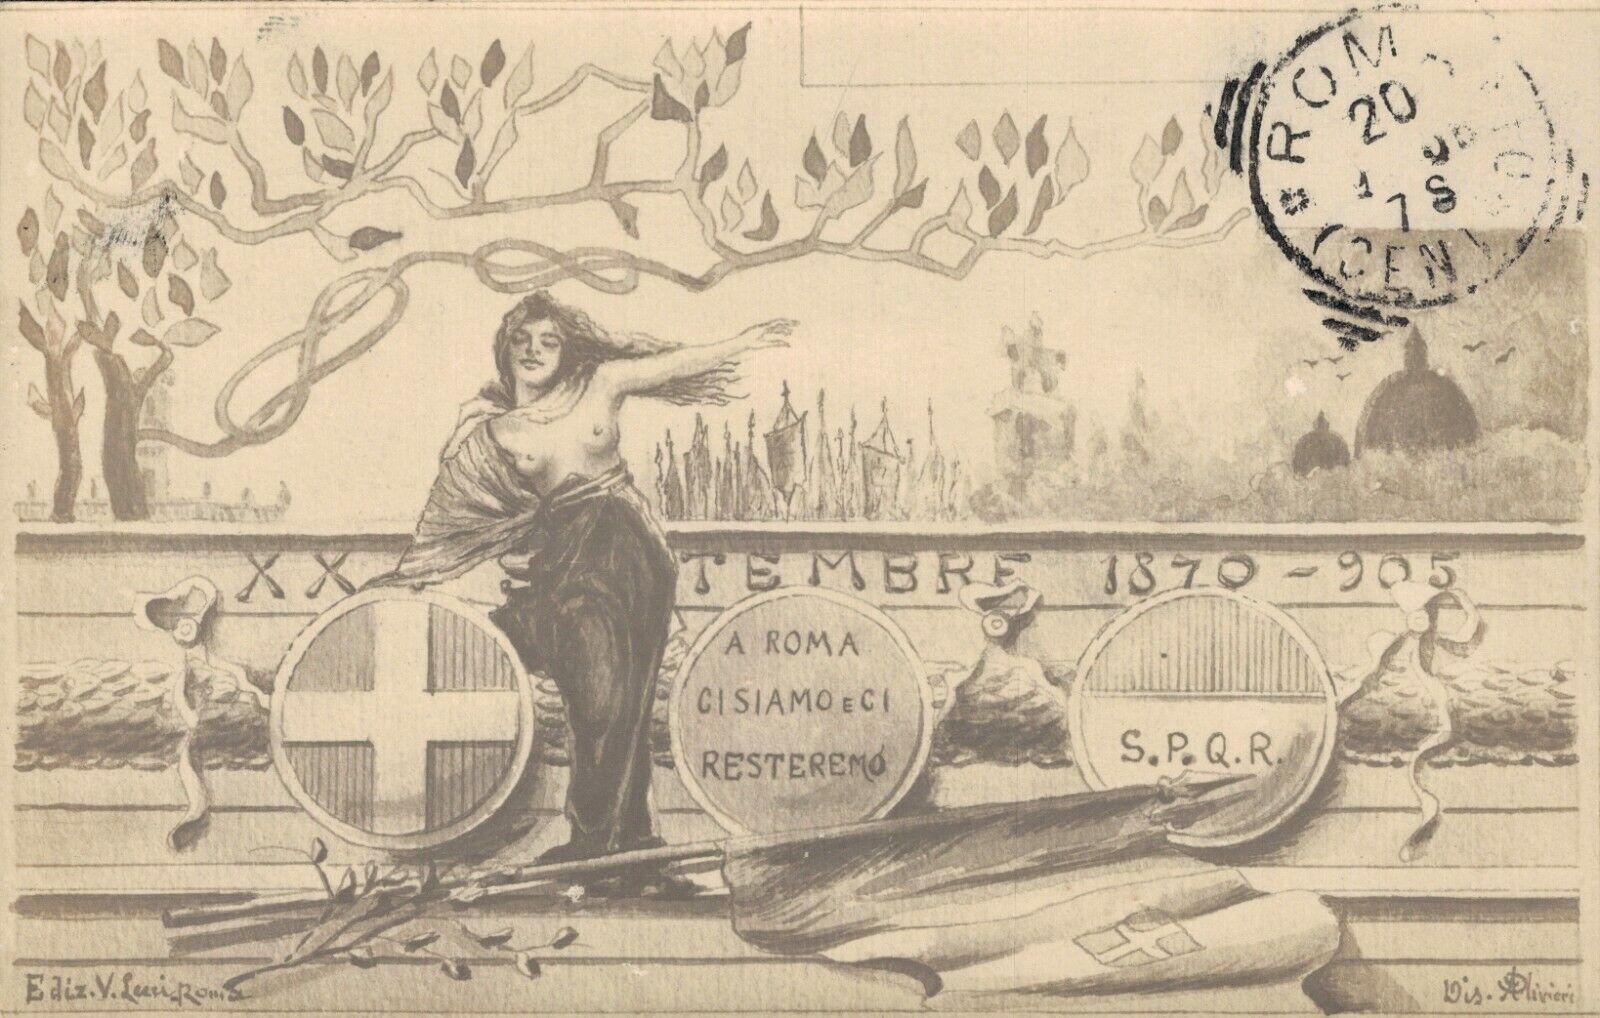 Italy ROMA: XX Settembre 1870 - 1905 a Roma ci siamo e ci resteremo 04.29